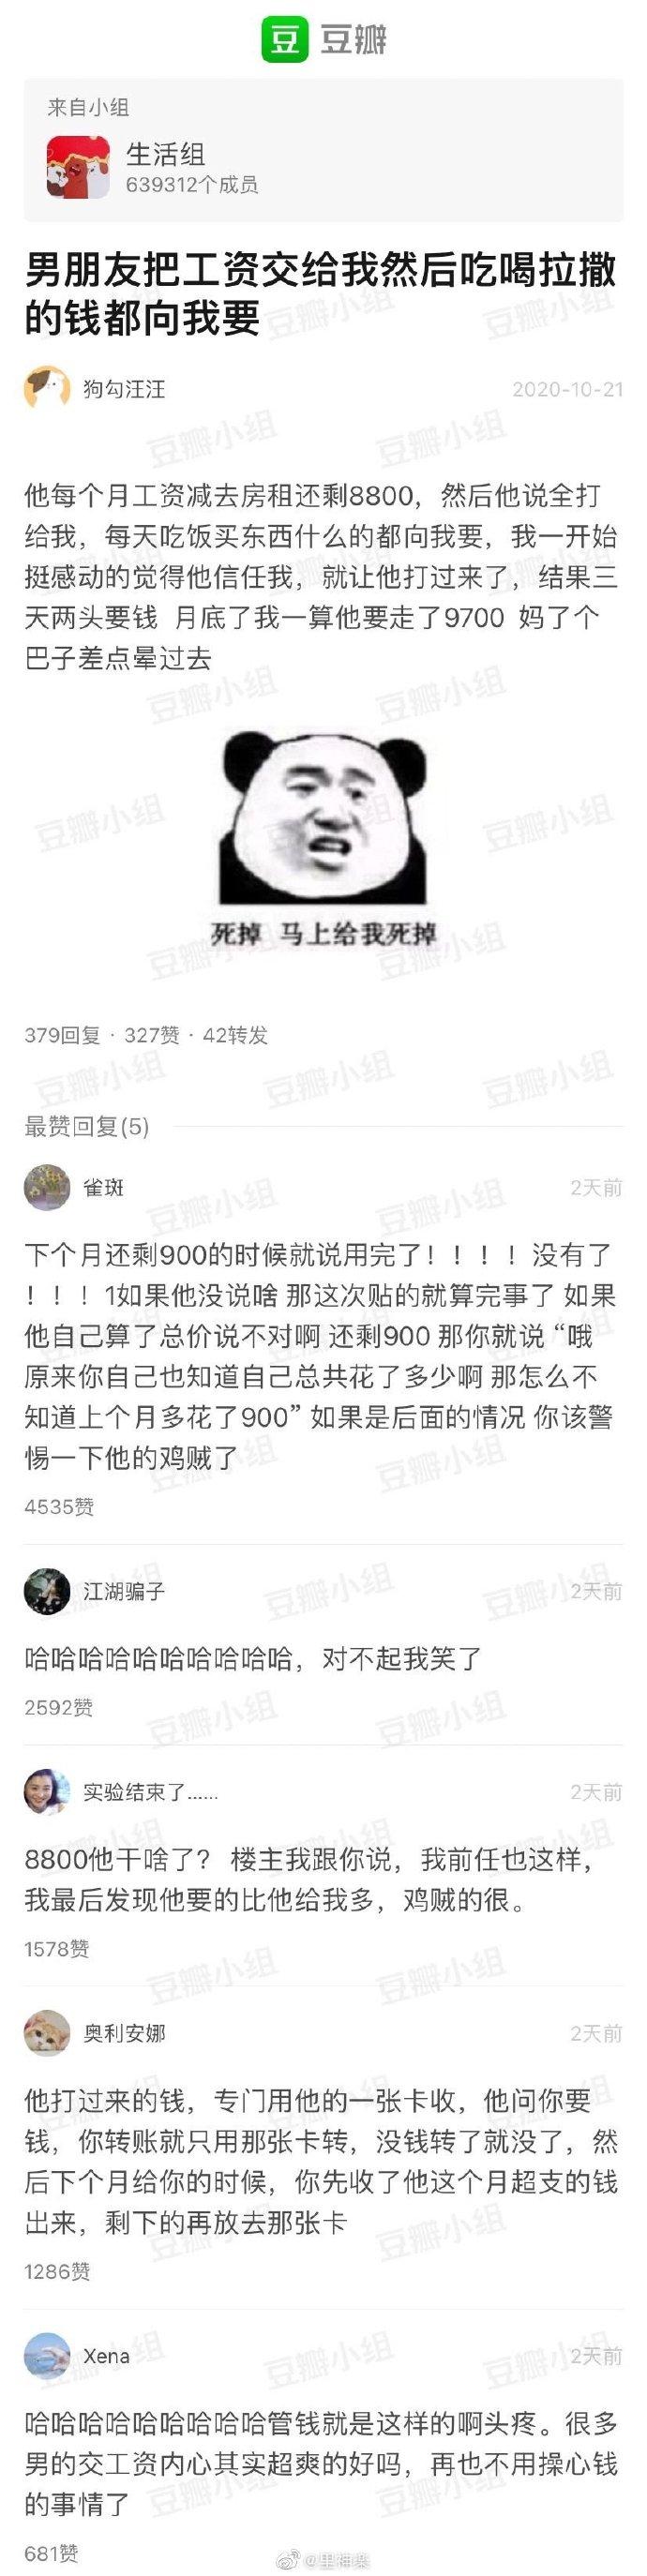 2020日刊第119期:活捉一只云云吖 liuliushe.net六六社 第5张